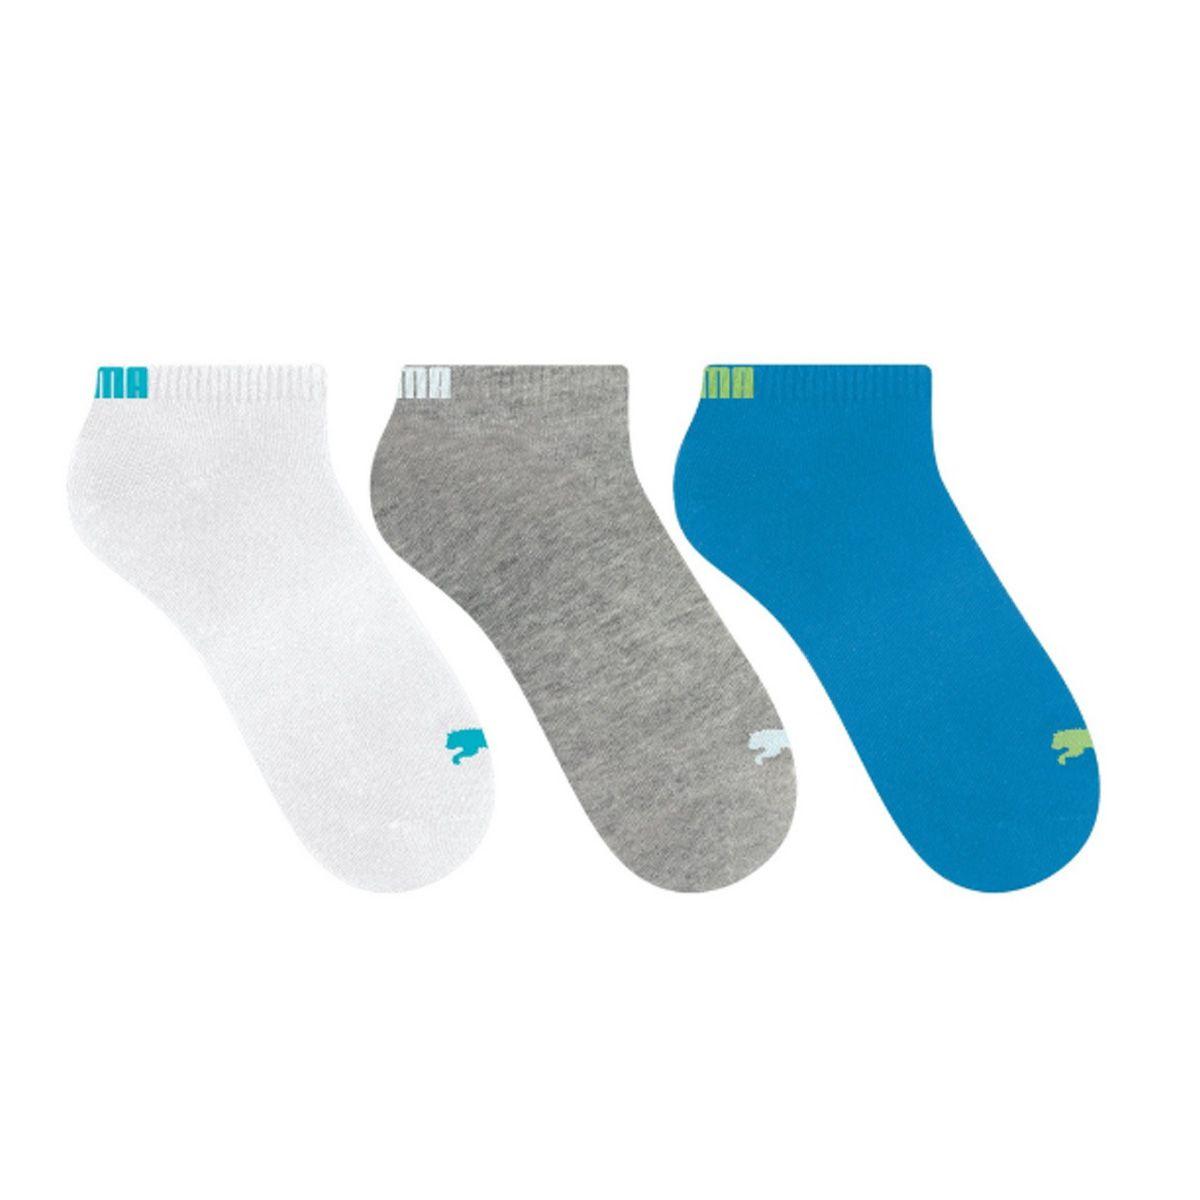 Kit com 3 pares de meias sapatilha esportiva masculina Puma